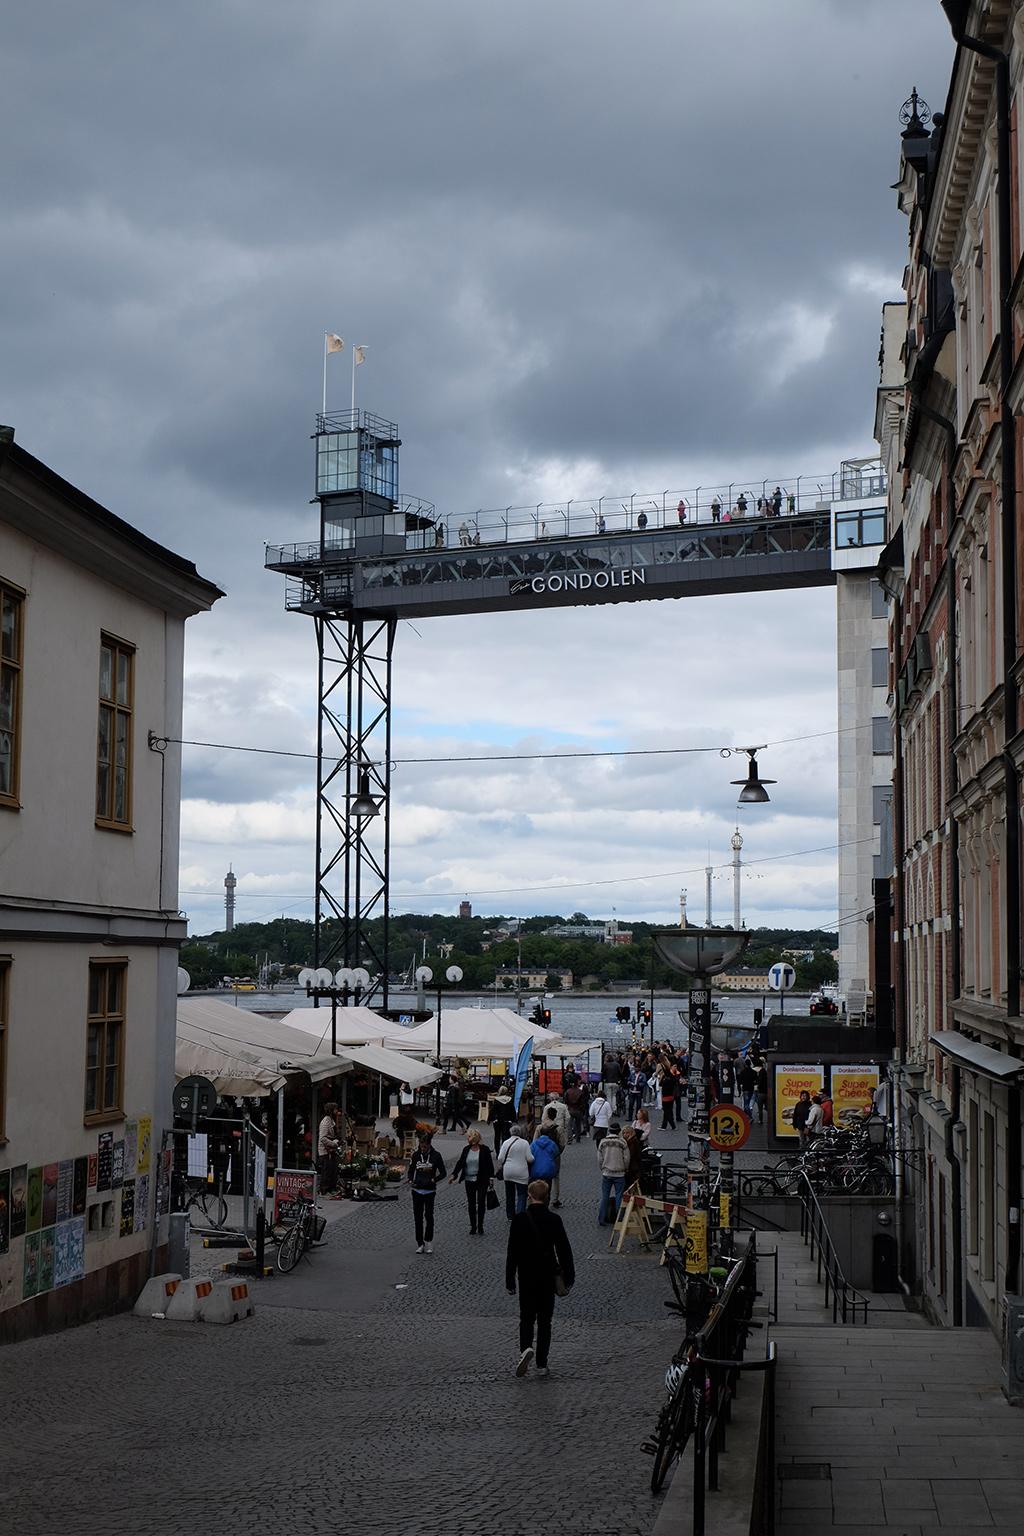 The Gondolen viewing platform and restaurant, Slussen